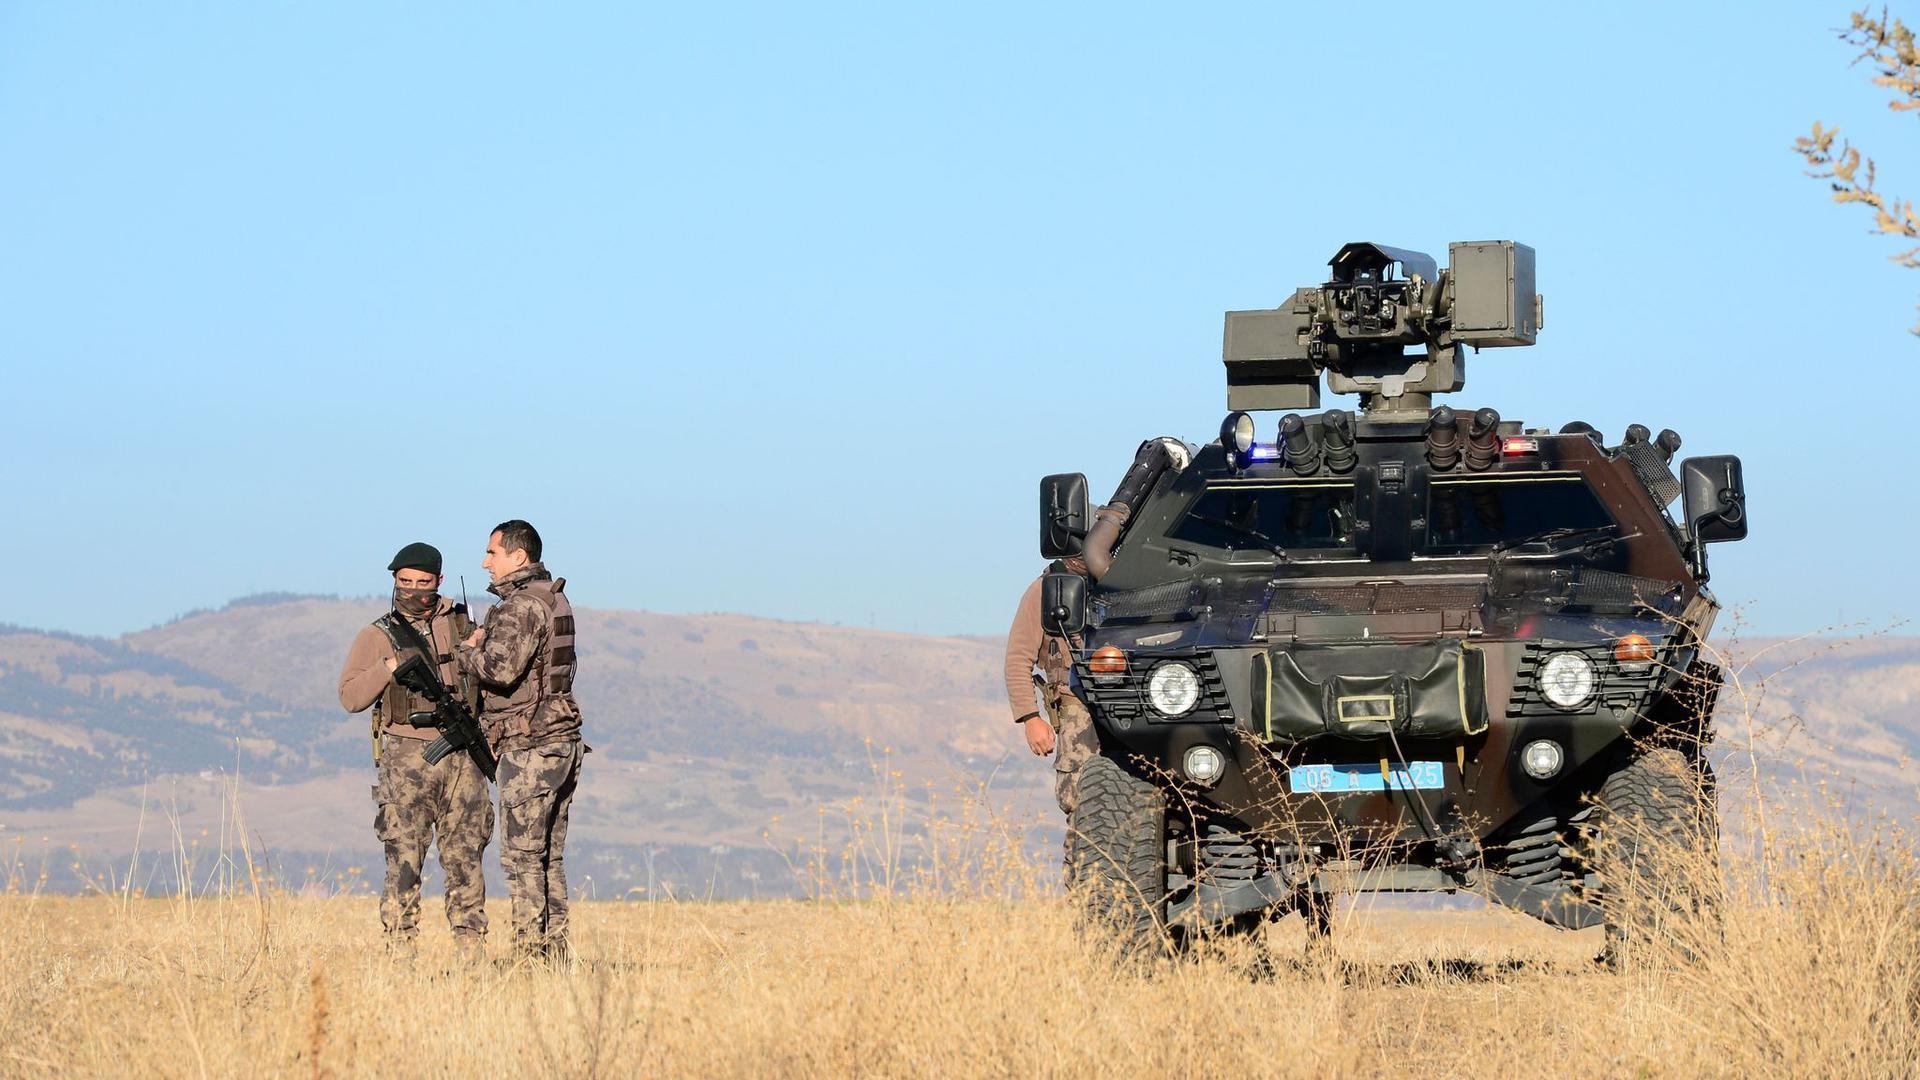 Bewaffnete Mitglieder einer Sondersicherheitseinheit stehen Wache außerhalb eines Luftwaffenstützpunktes, auf dem ein Gericht Urteile gegen Hunderte Beteiligte nach dem Putschversuch in der Türkei spricht.